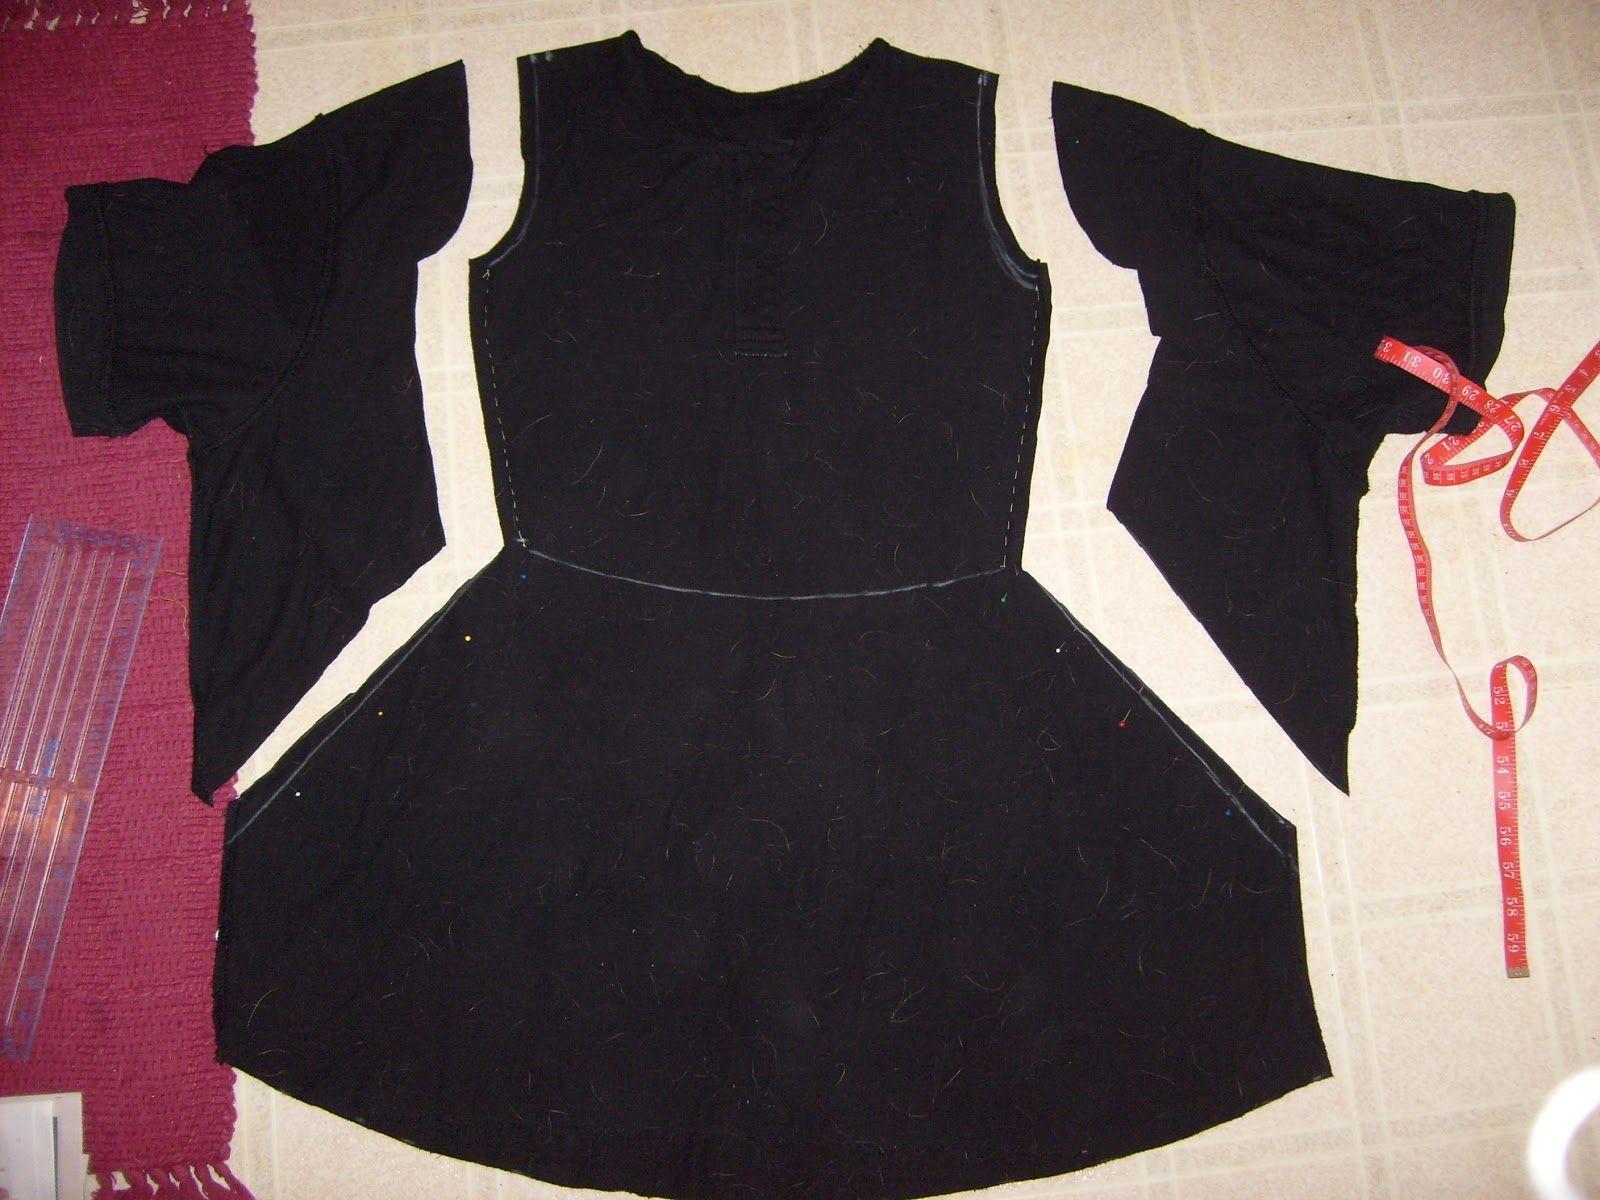 tee shirt xxxl | Майка-топ | Pinterest | Schere, Kleidungsstück und ...